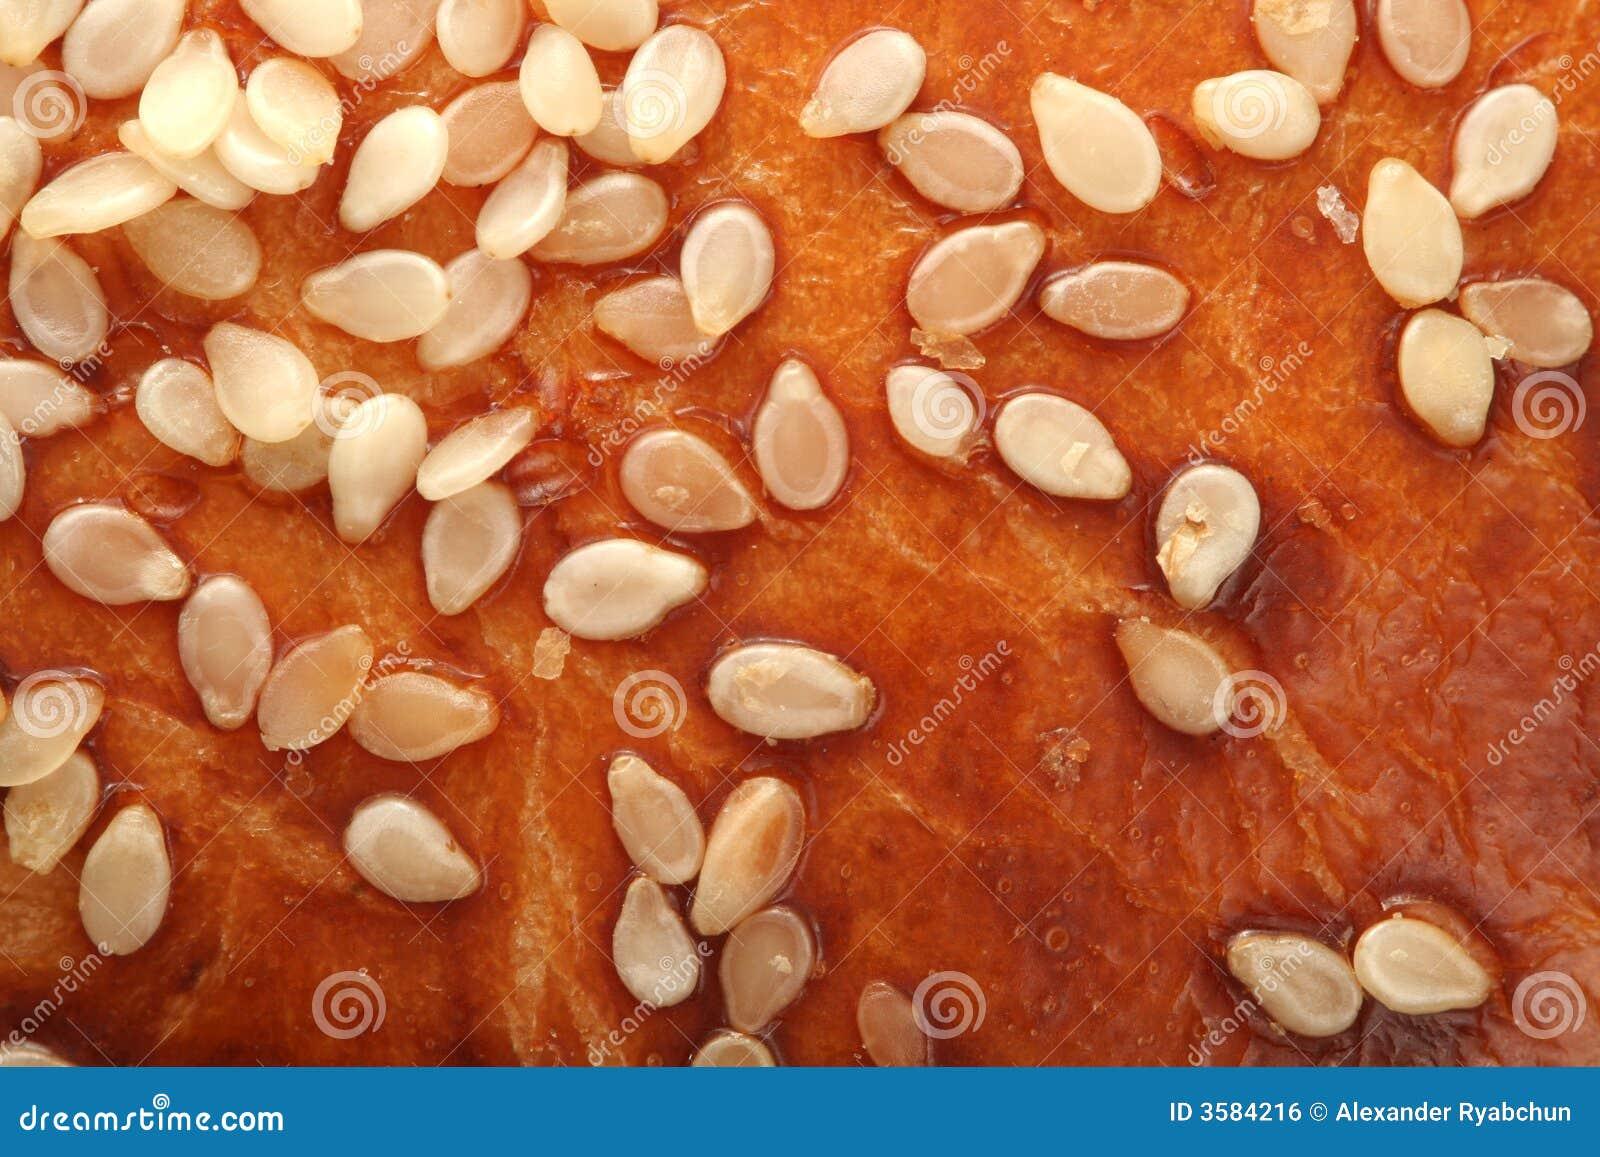 Sesame seeds on bread s crust